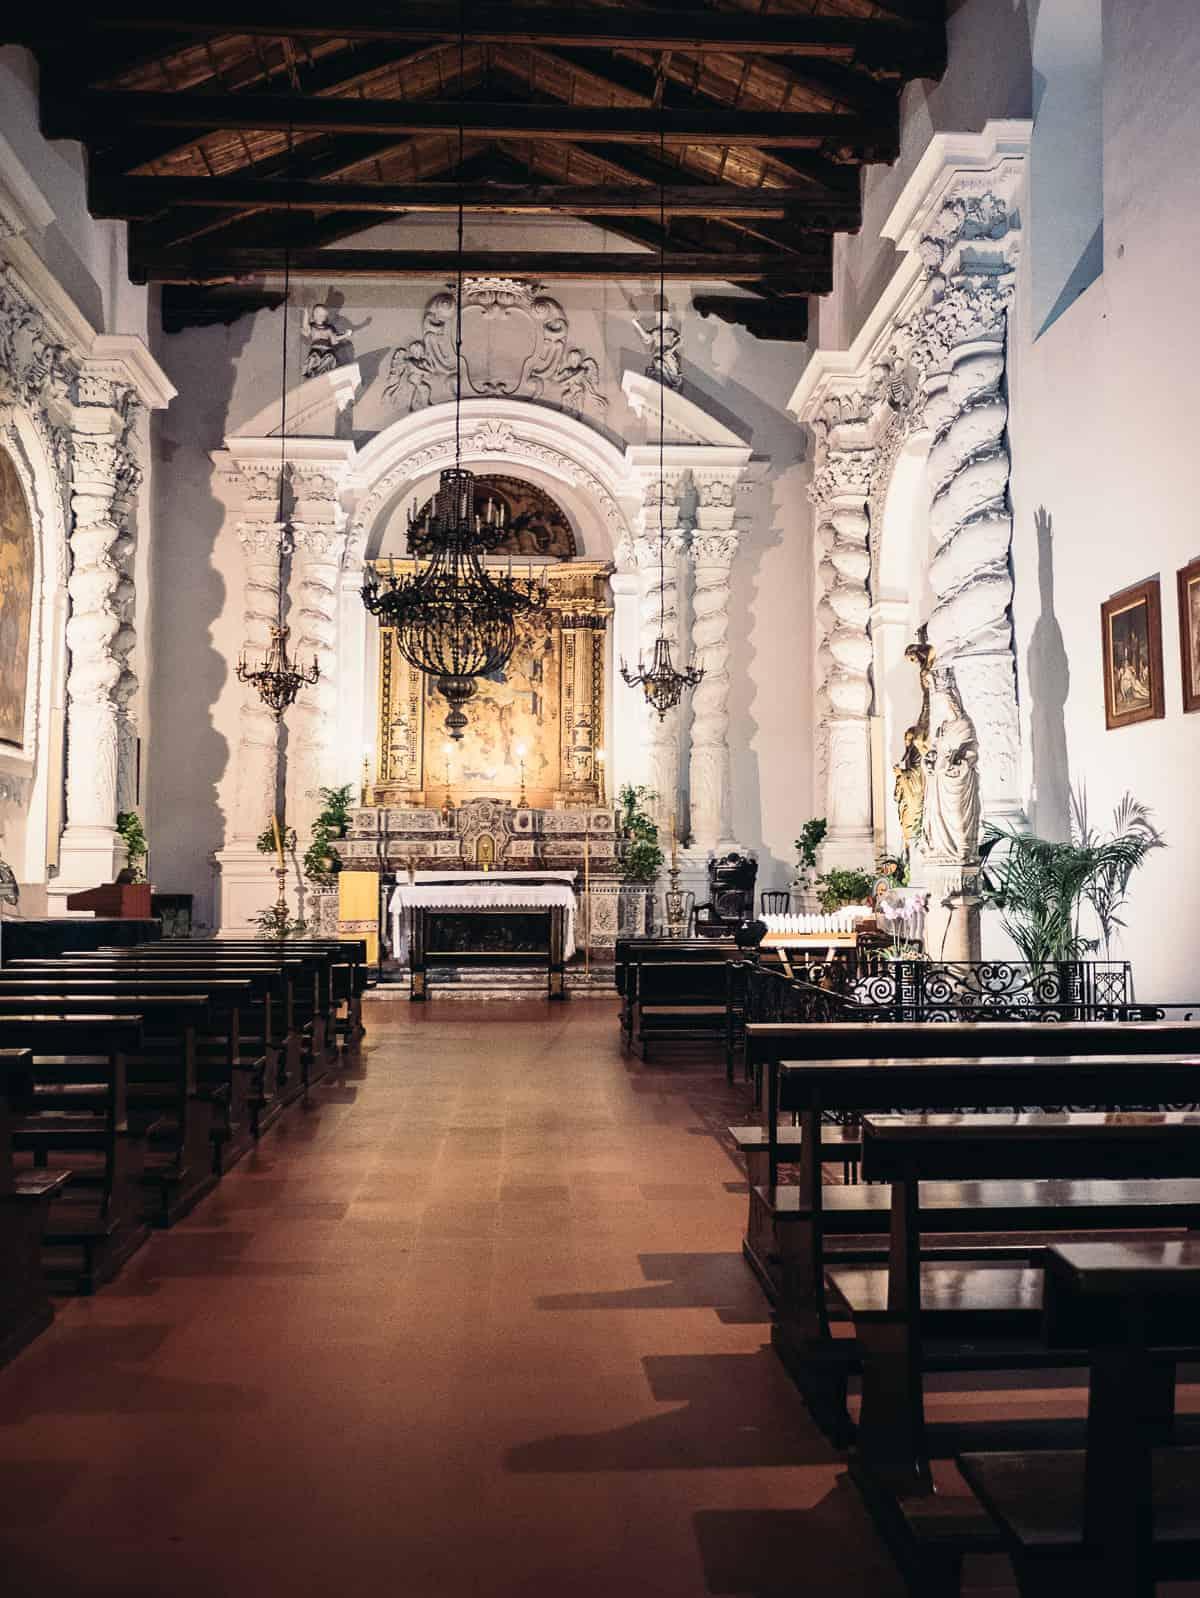 views inside a church located in Taormina